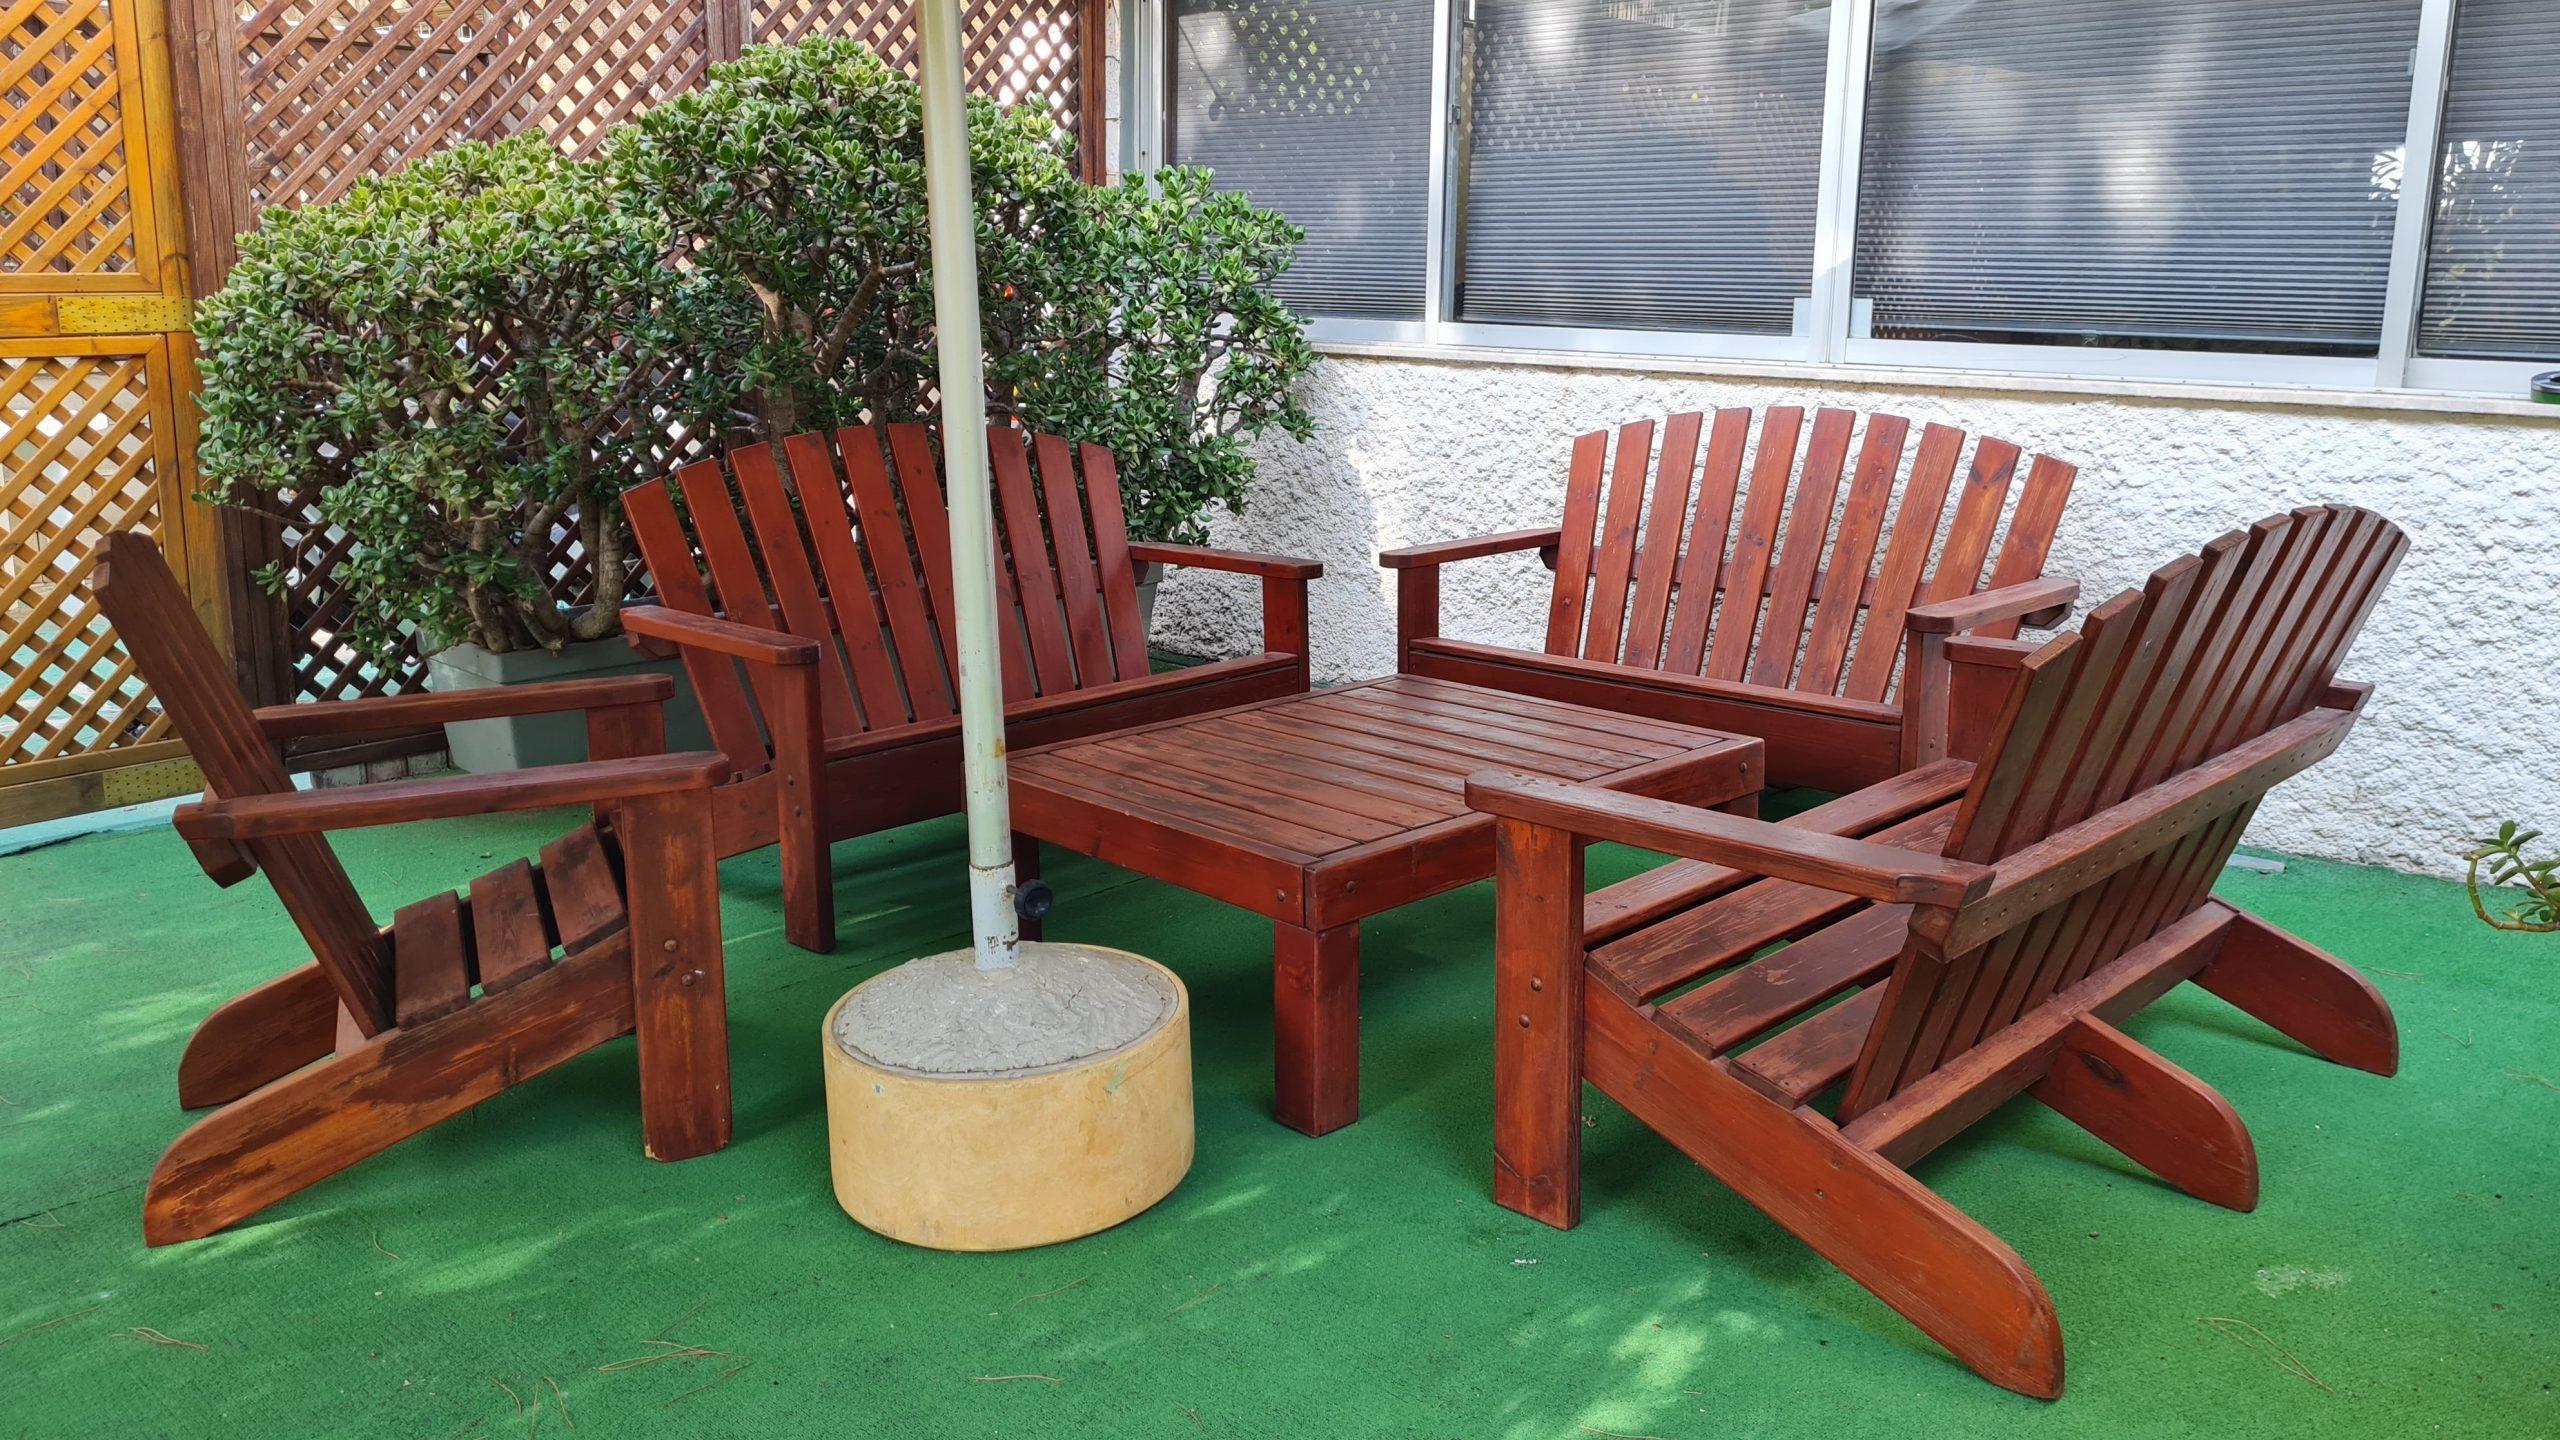 Beth-Shalom_Back sitting area2